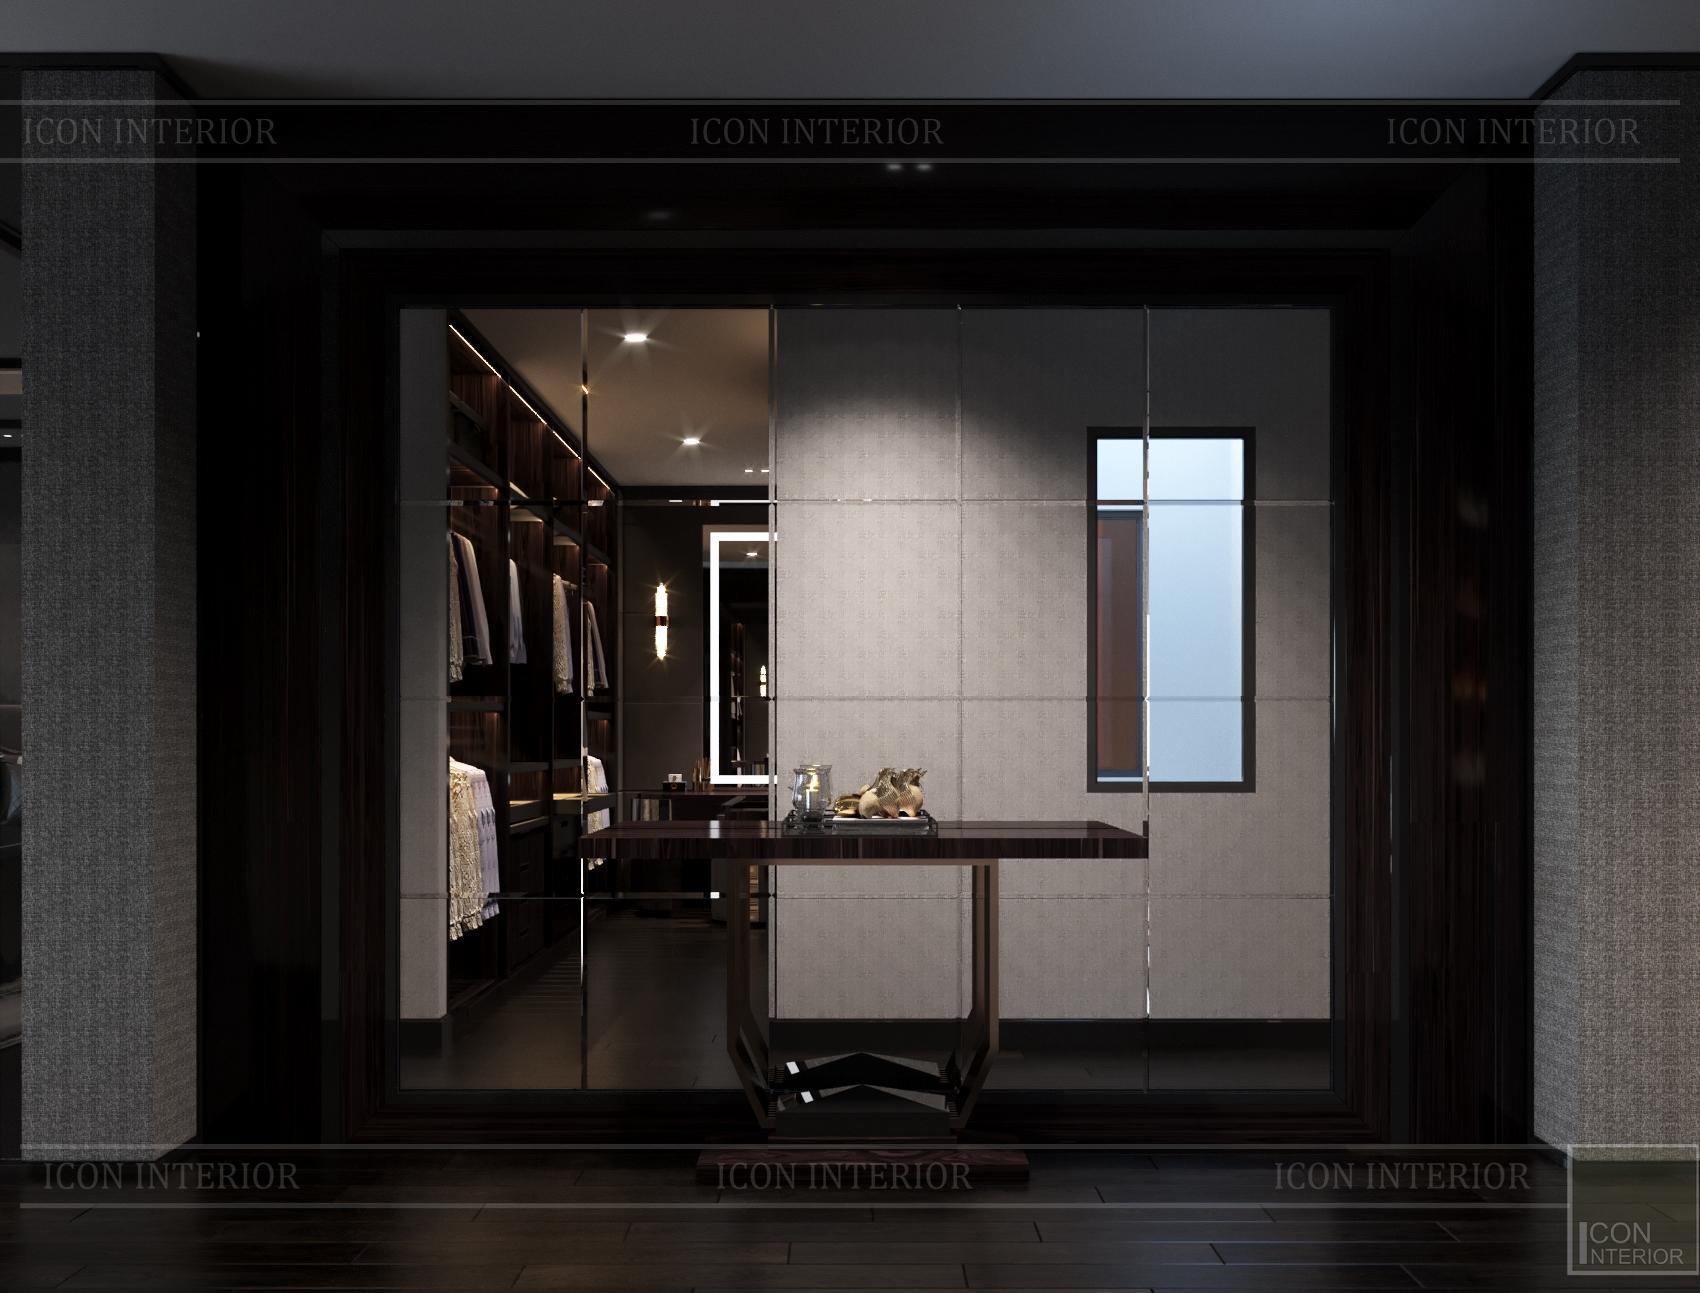 thiết kế căn hộ chung cư bàn console